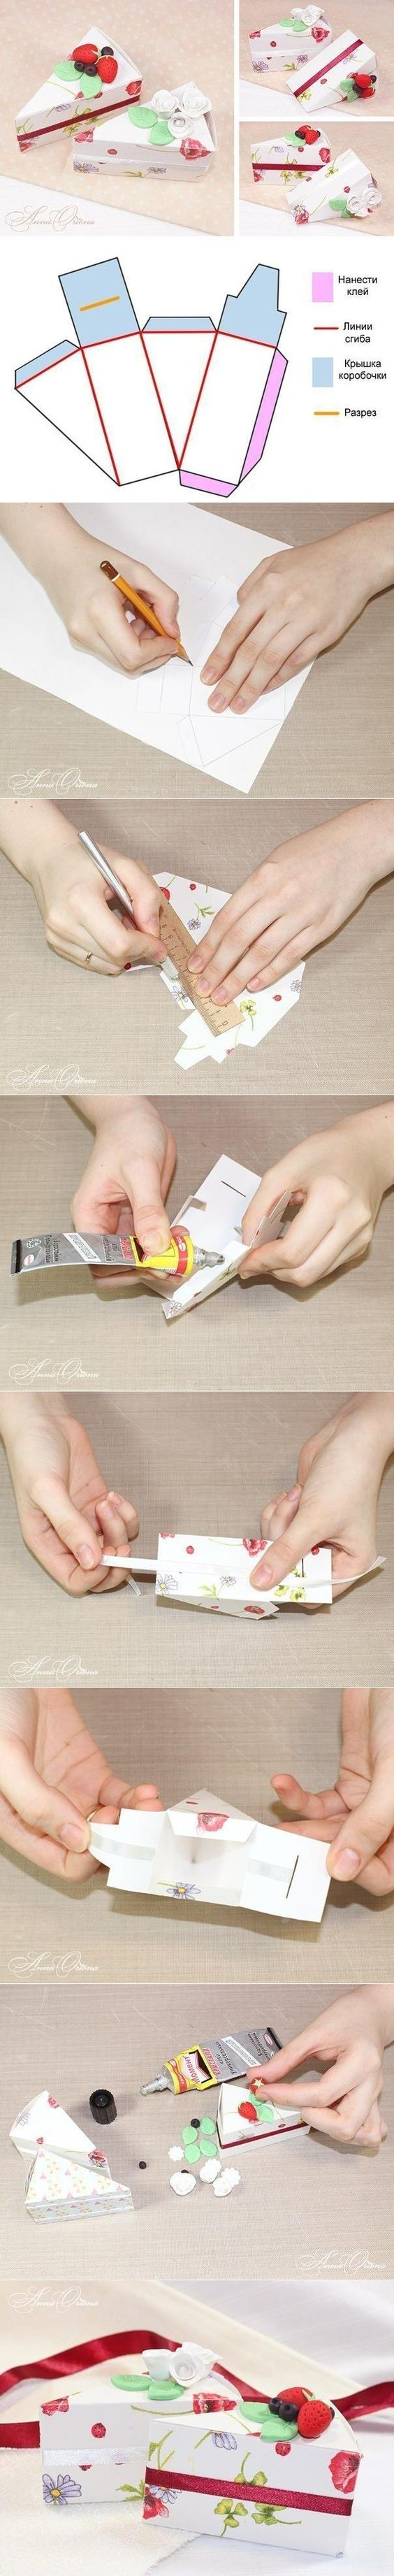 DIY Pretty Cake Gift Box DIY Projects | UsefulDIY.com